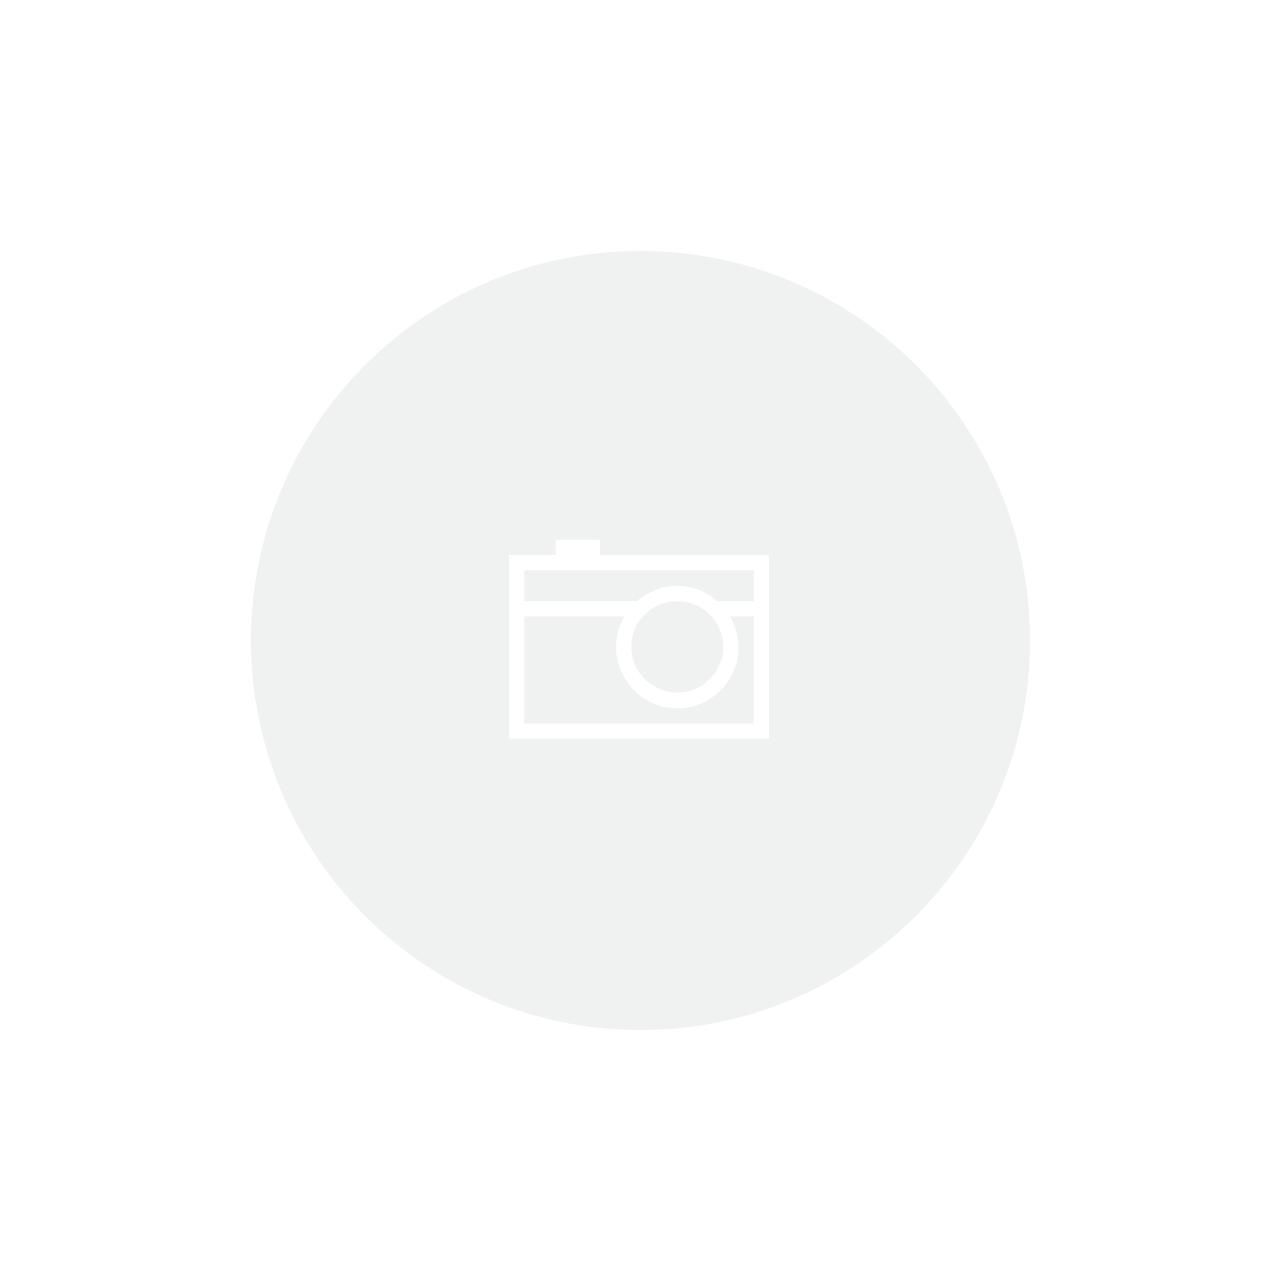 Tira Manchas de Ferrugem 12x120 mL